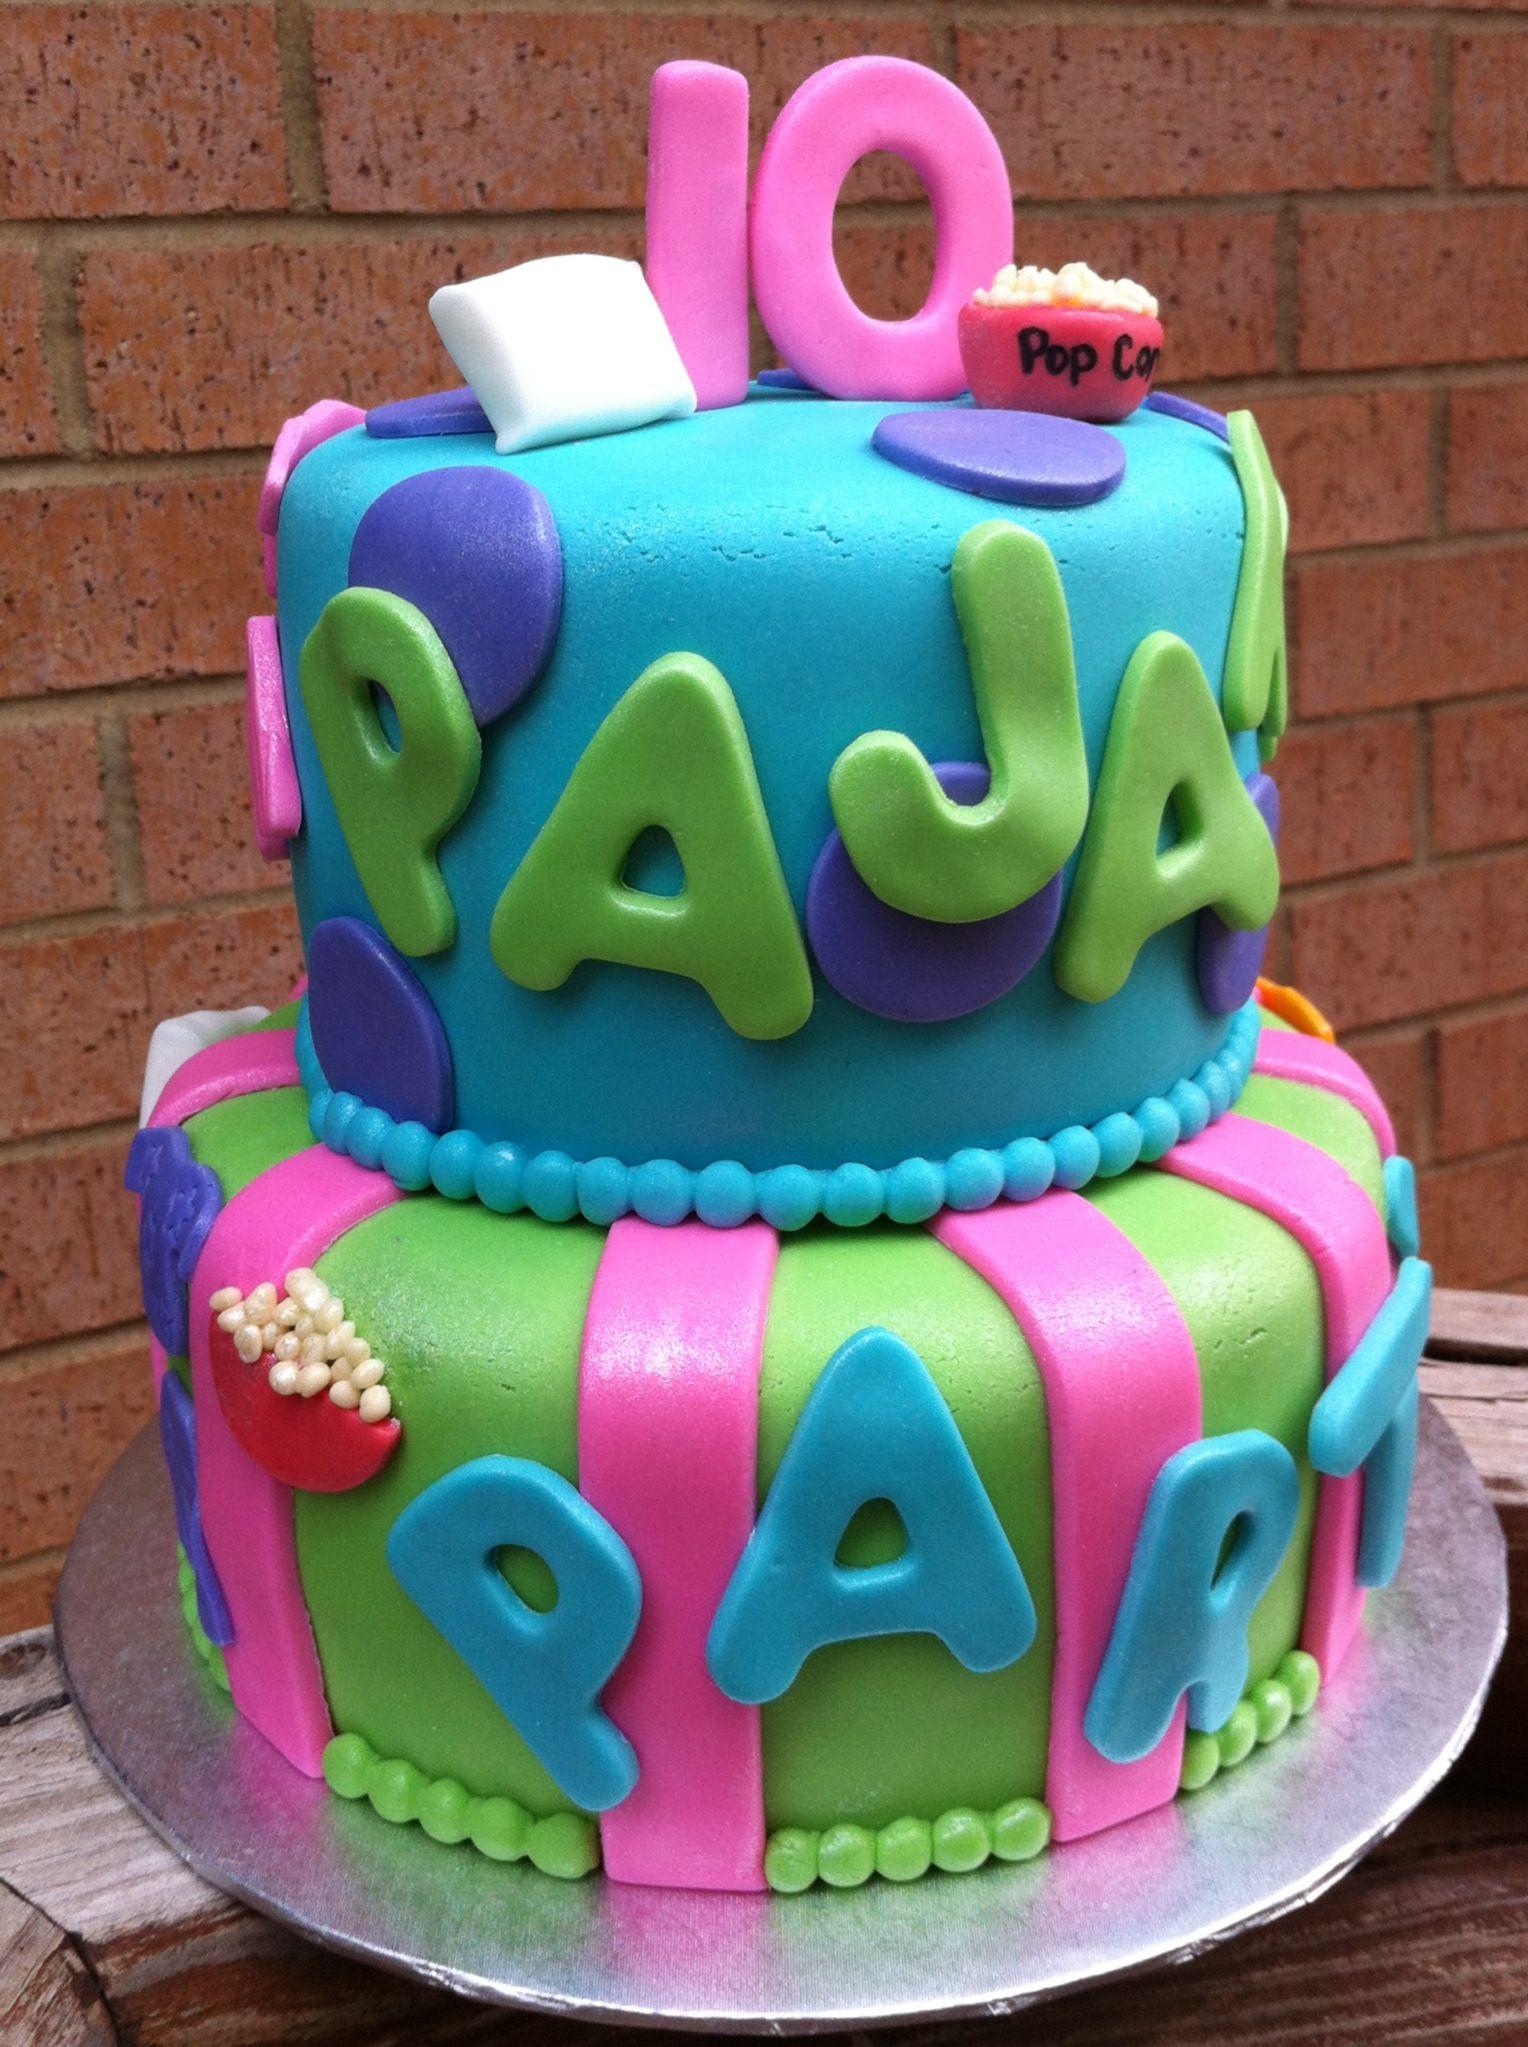 Enjoyable Pajama Party Cake With Images Pancake Party Pajama Party Funny Birthday Cards Online Inifodamsfinfo